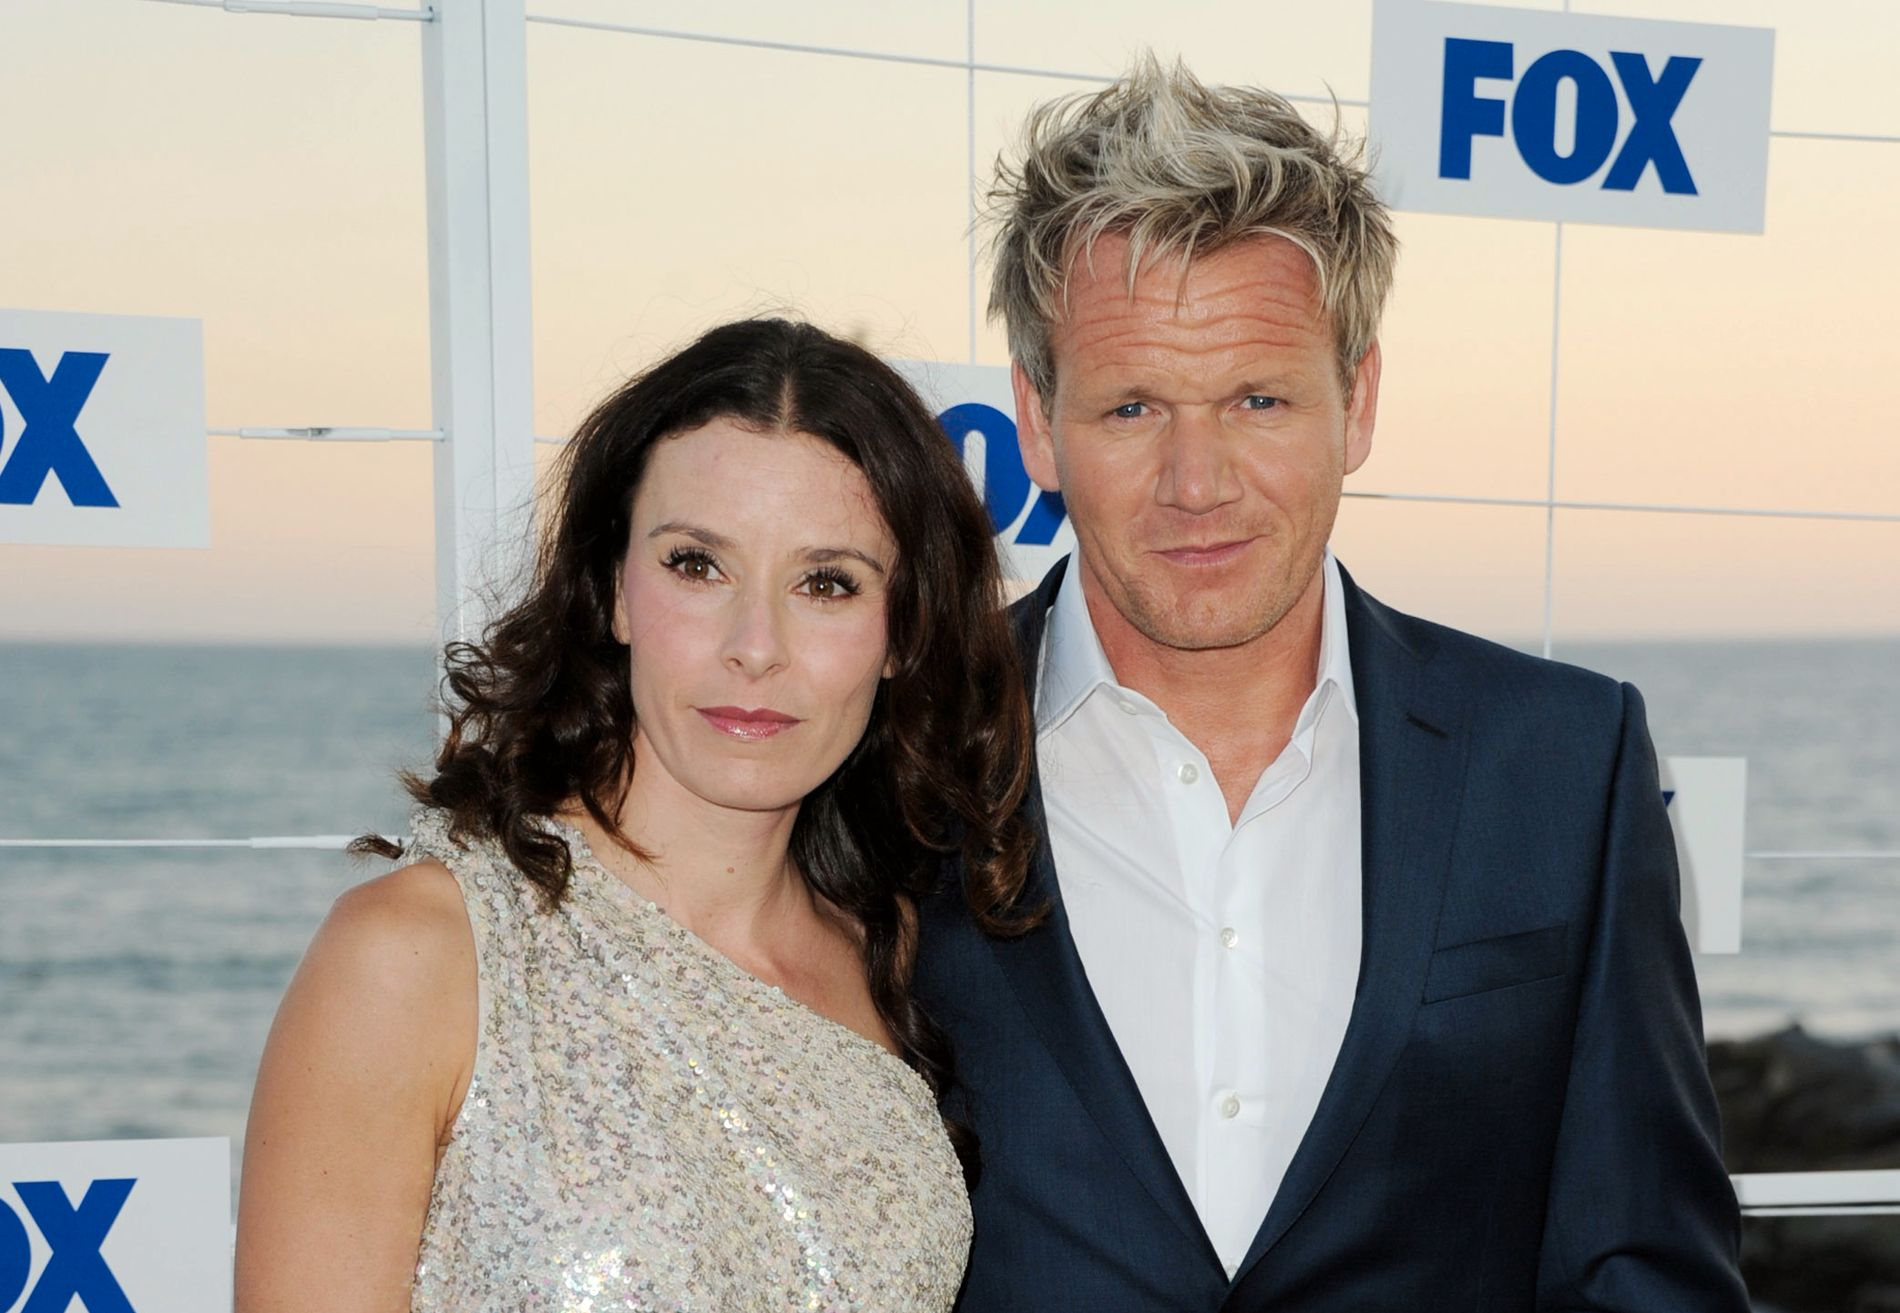 KJENDISKOKK: Gordon og kona Tana Ramsay på en Fox-fest i California i 2011.